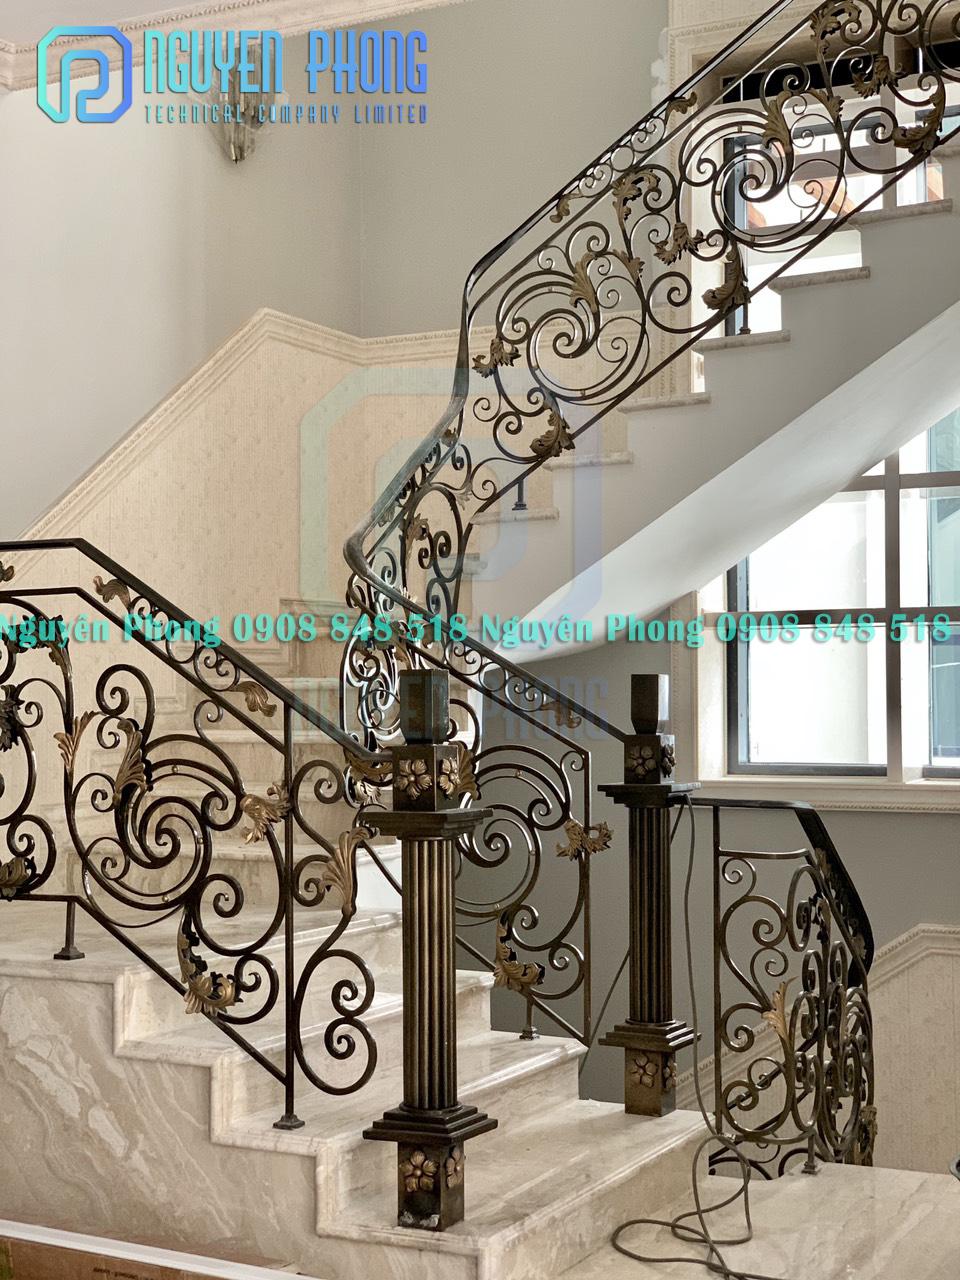 Nhận thiết kế, gia công cầu thang sắt uốn mỹ thuật cho biệt thự, nhà cổ điển